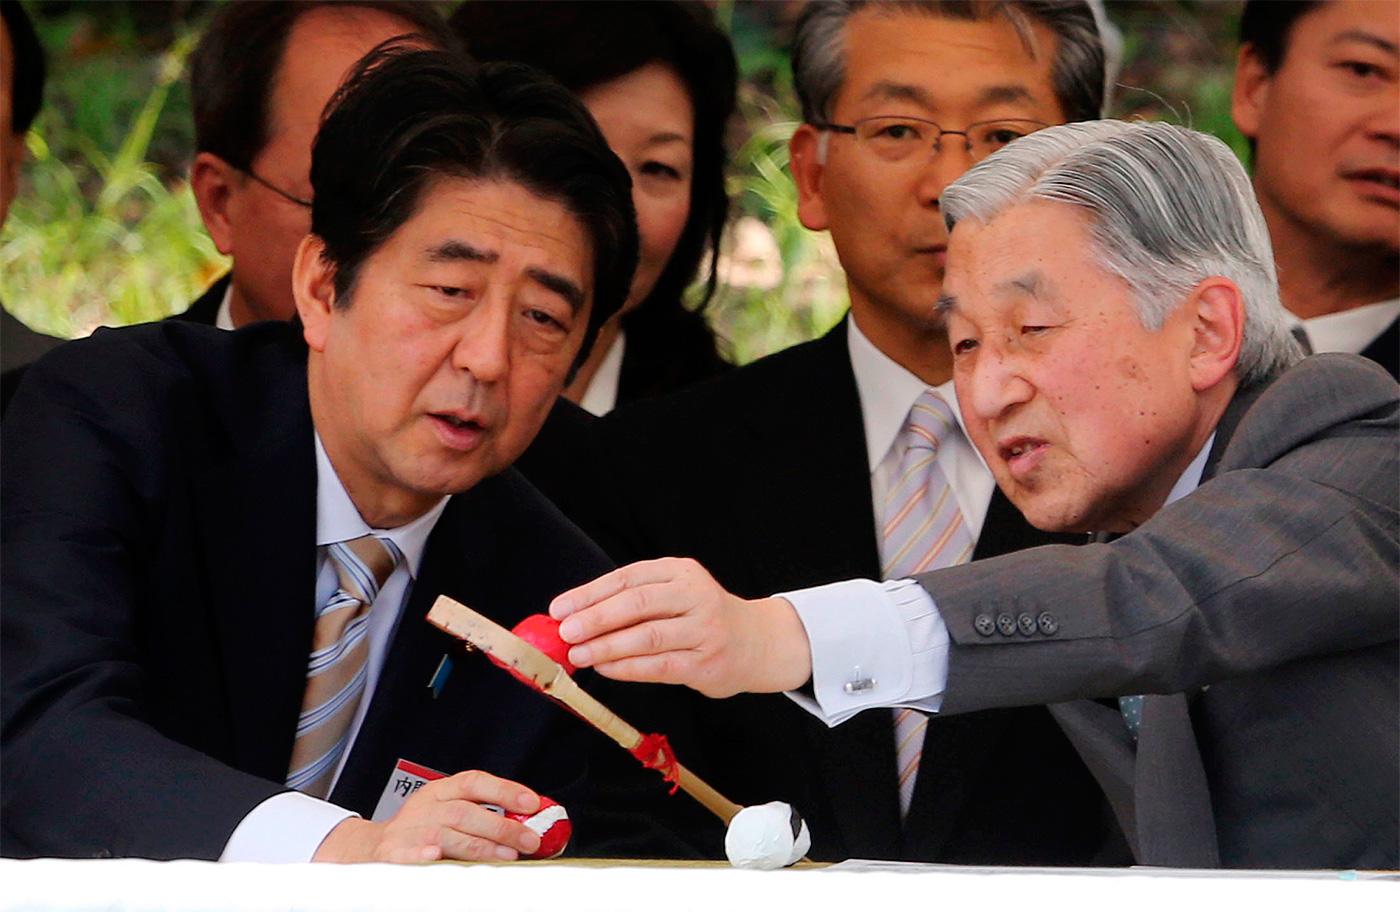 Японы эзэн хаан Акихито түүхэнд гэмшиж байдгаа илэрхийлжээ